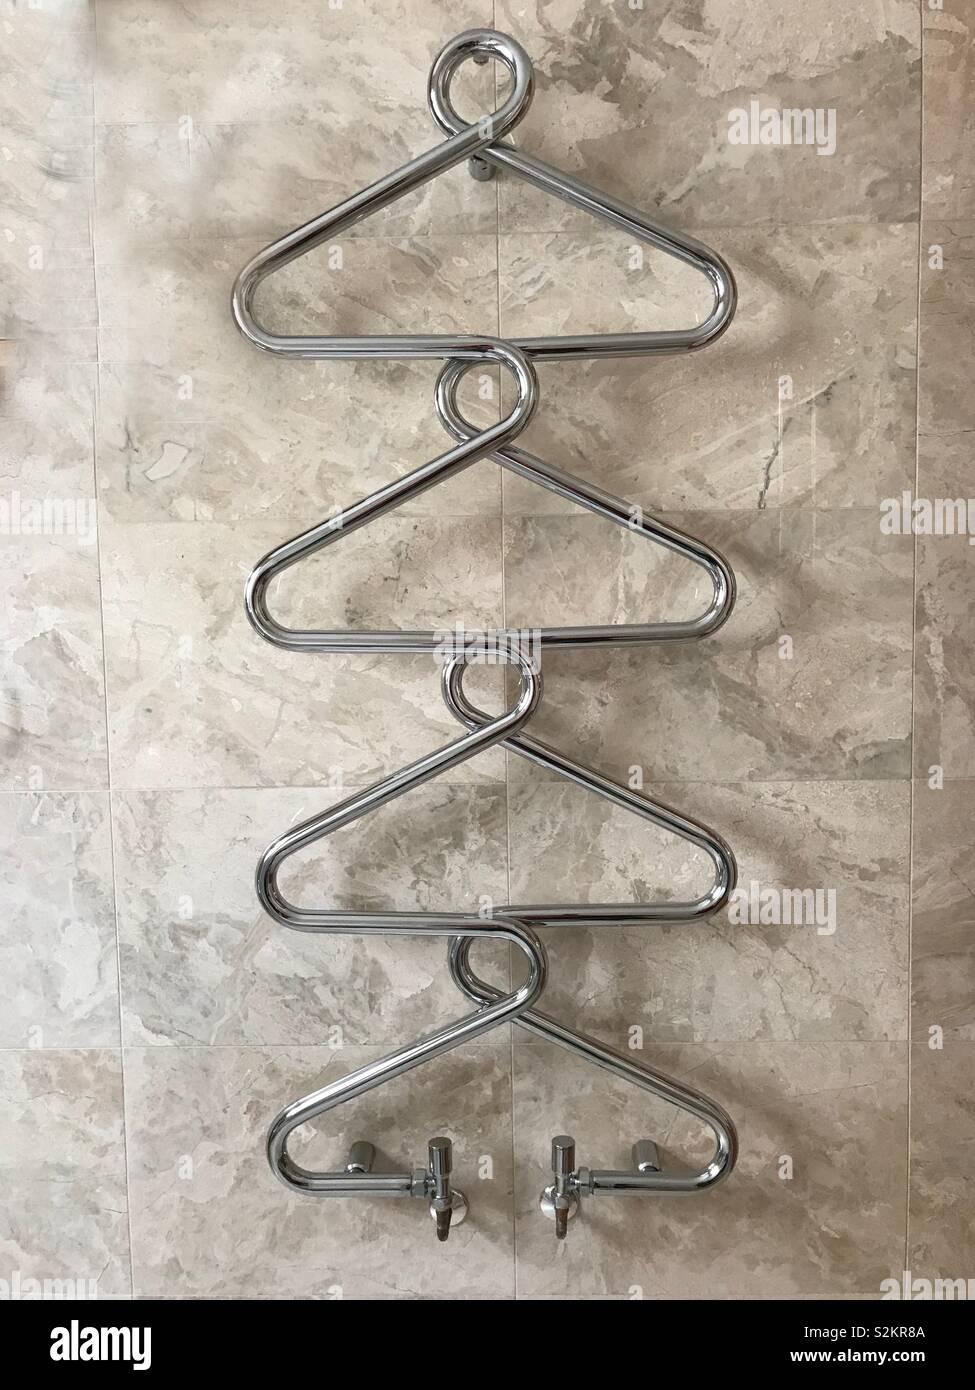 Aufhänger Handtuchhalter Stockfotos und bilder Kaufen Alamy